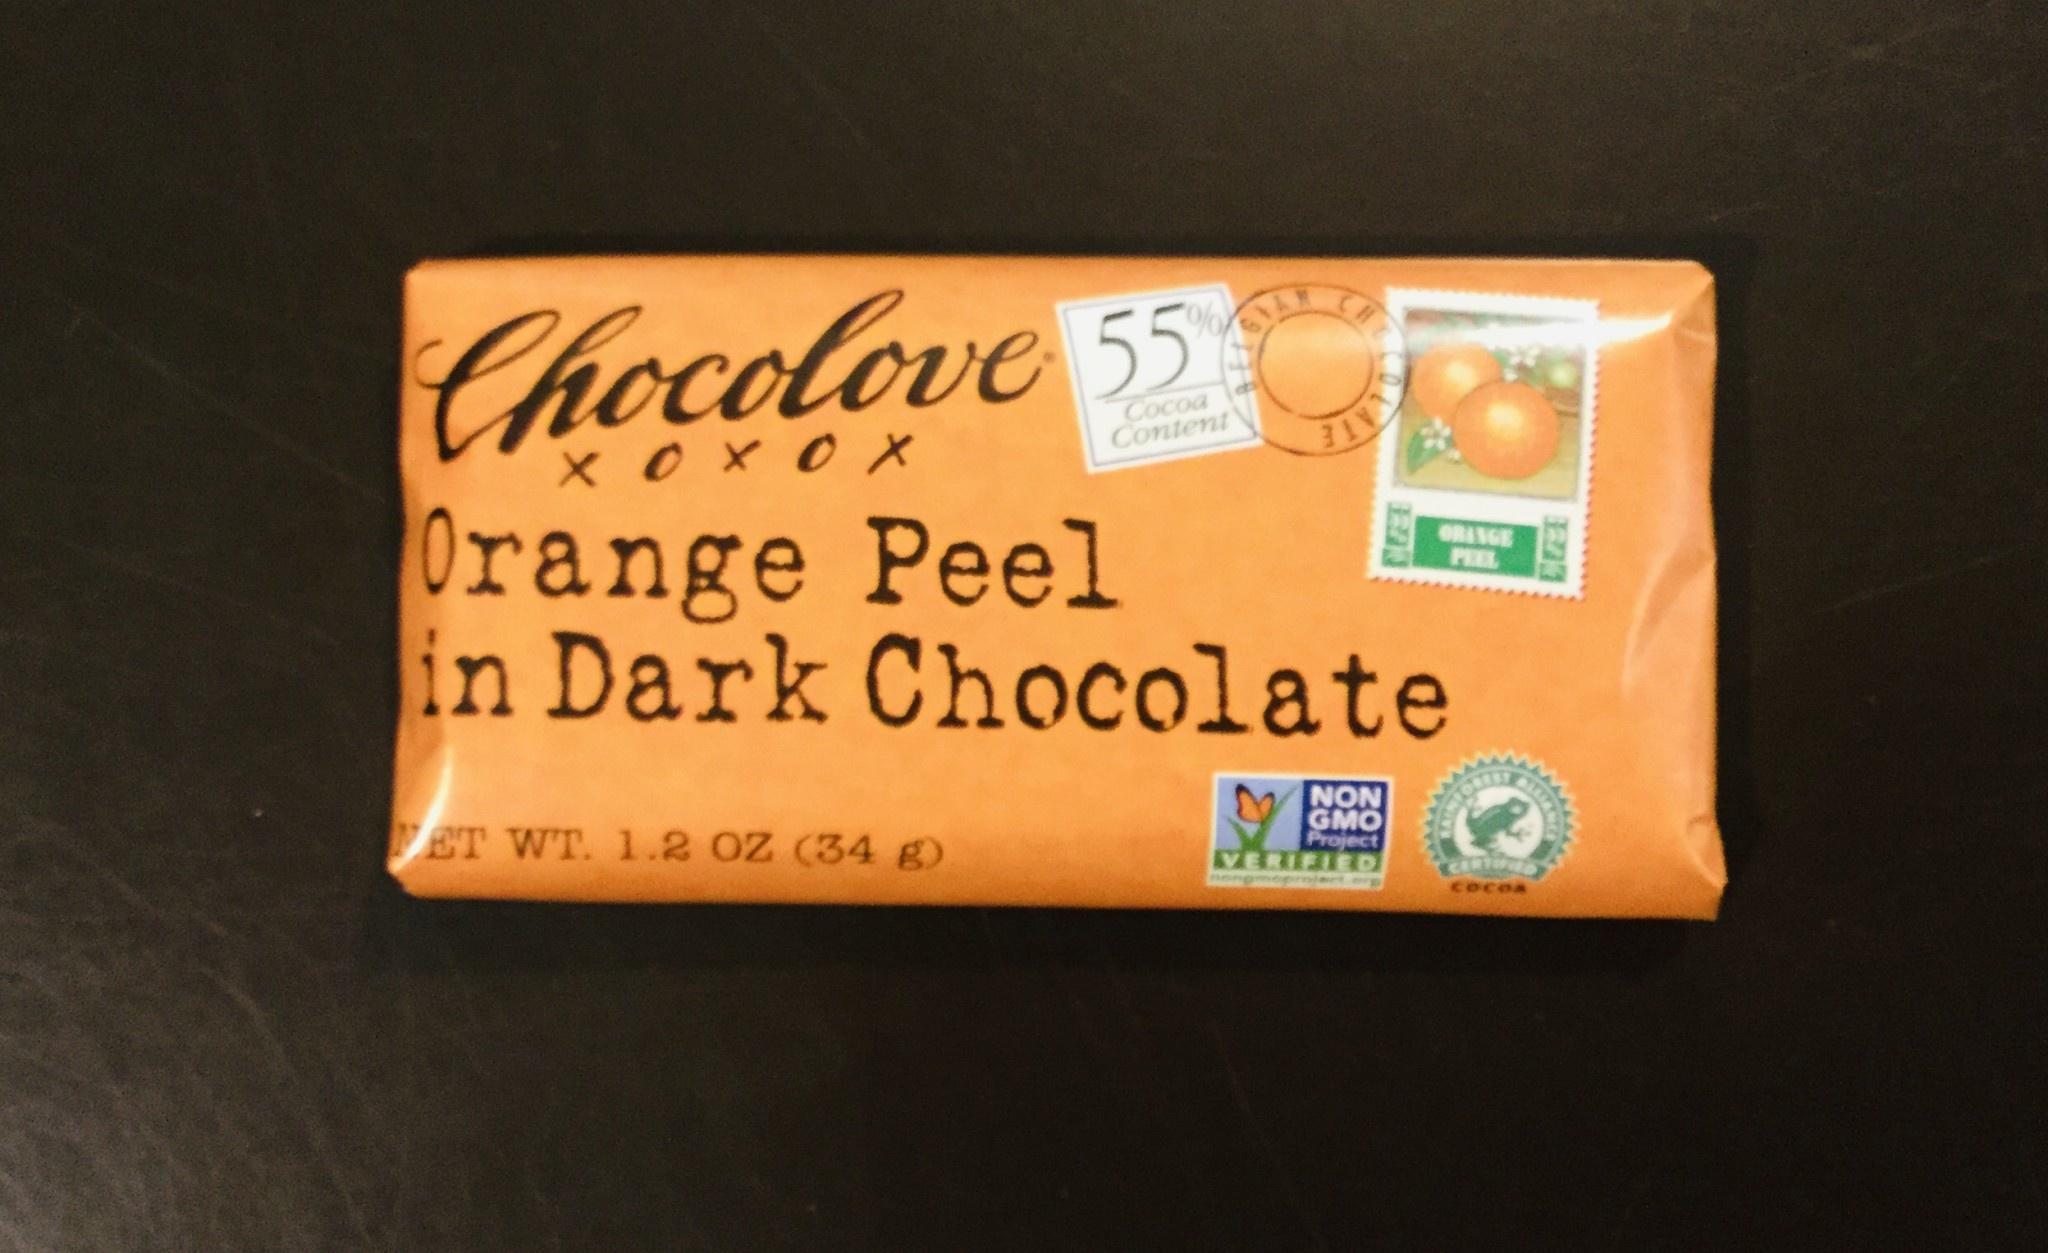 Chocolov Mini Orange Peel in Dark Chocolate 1.2 oz